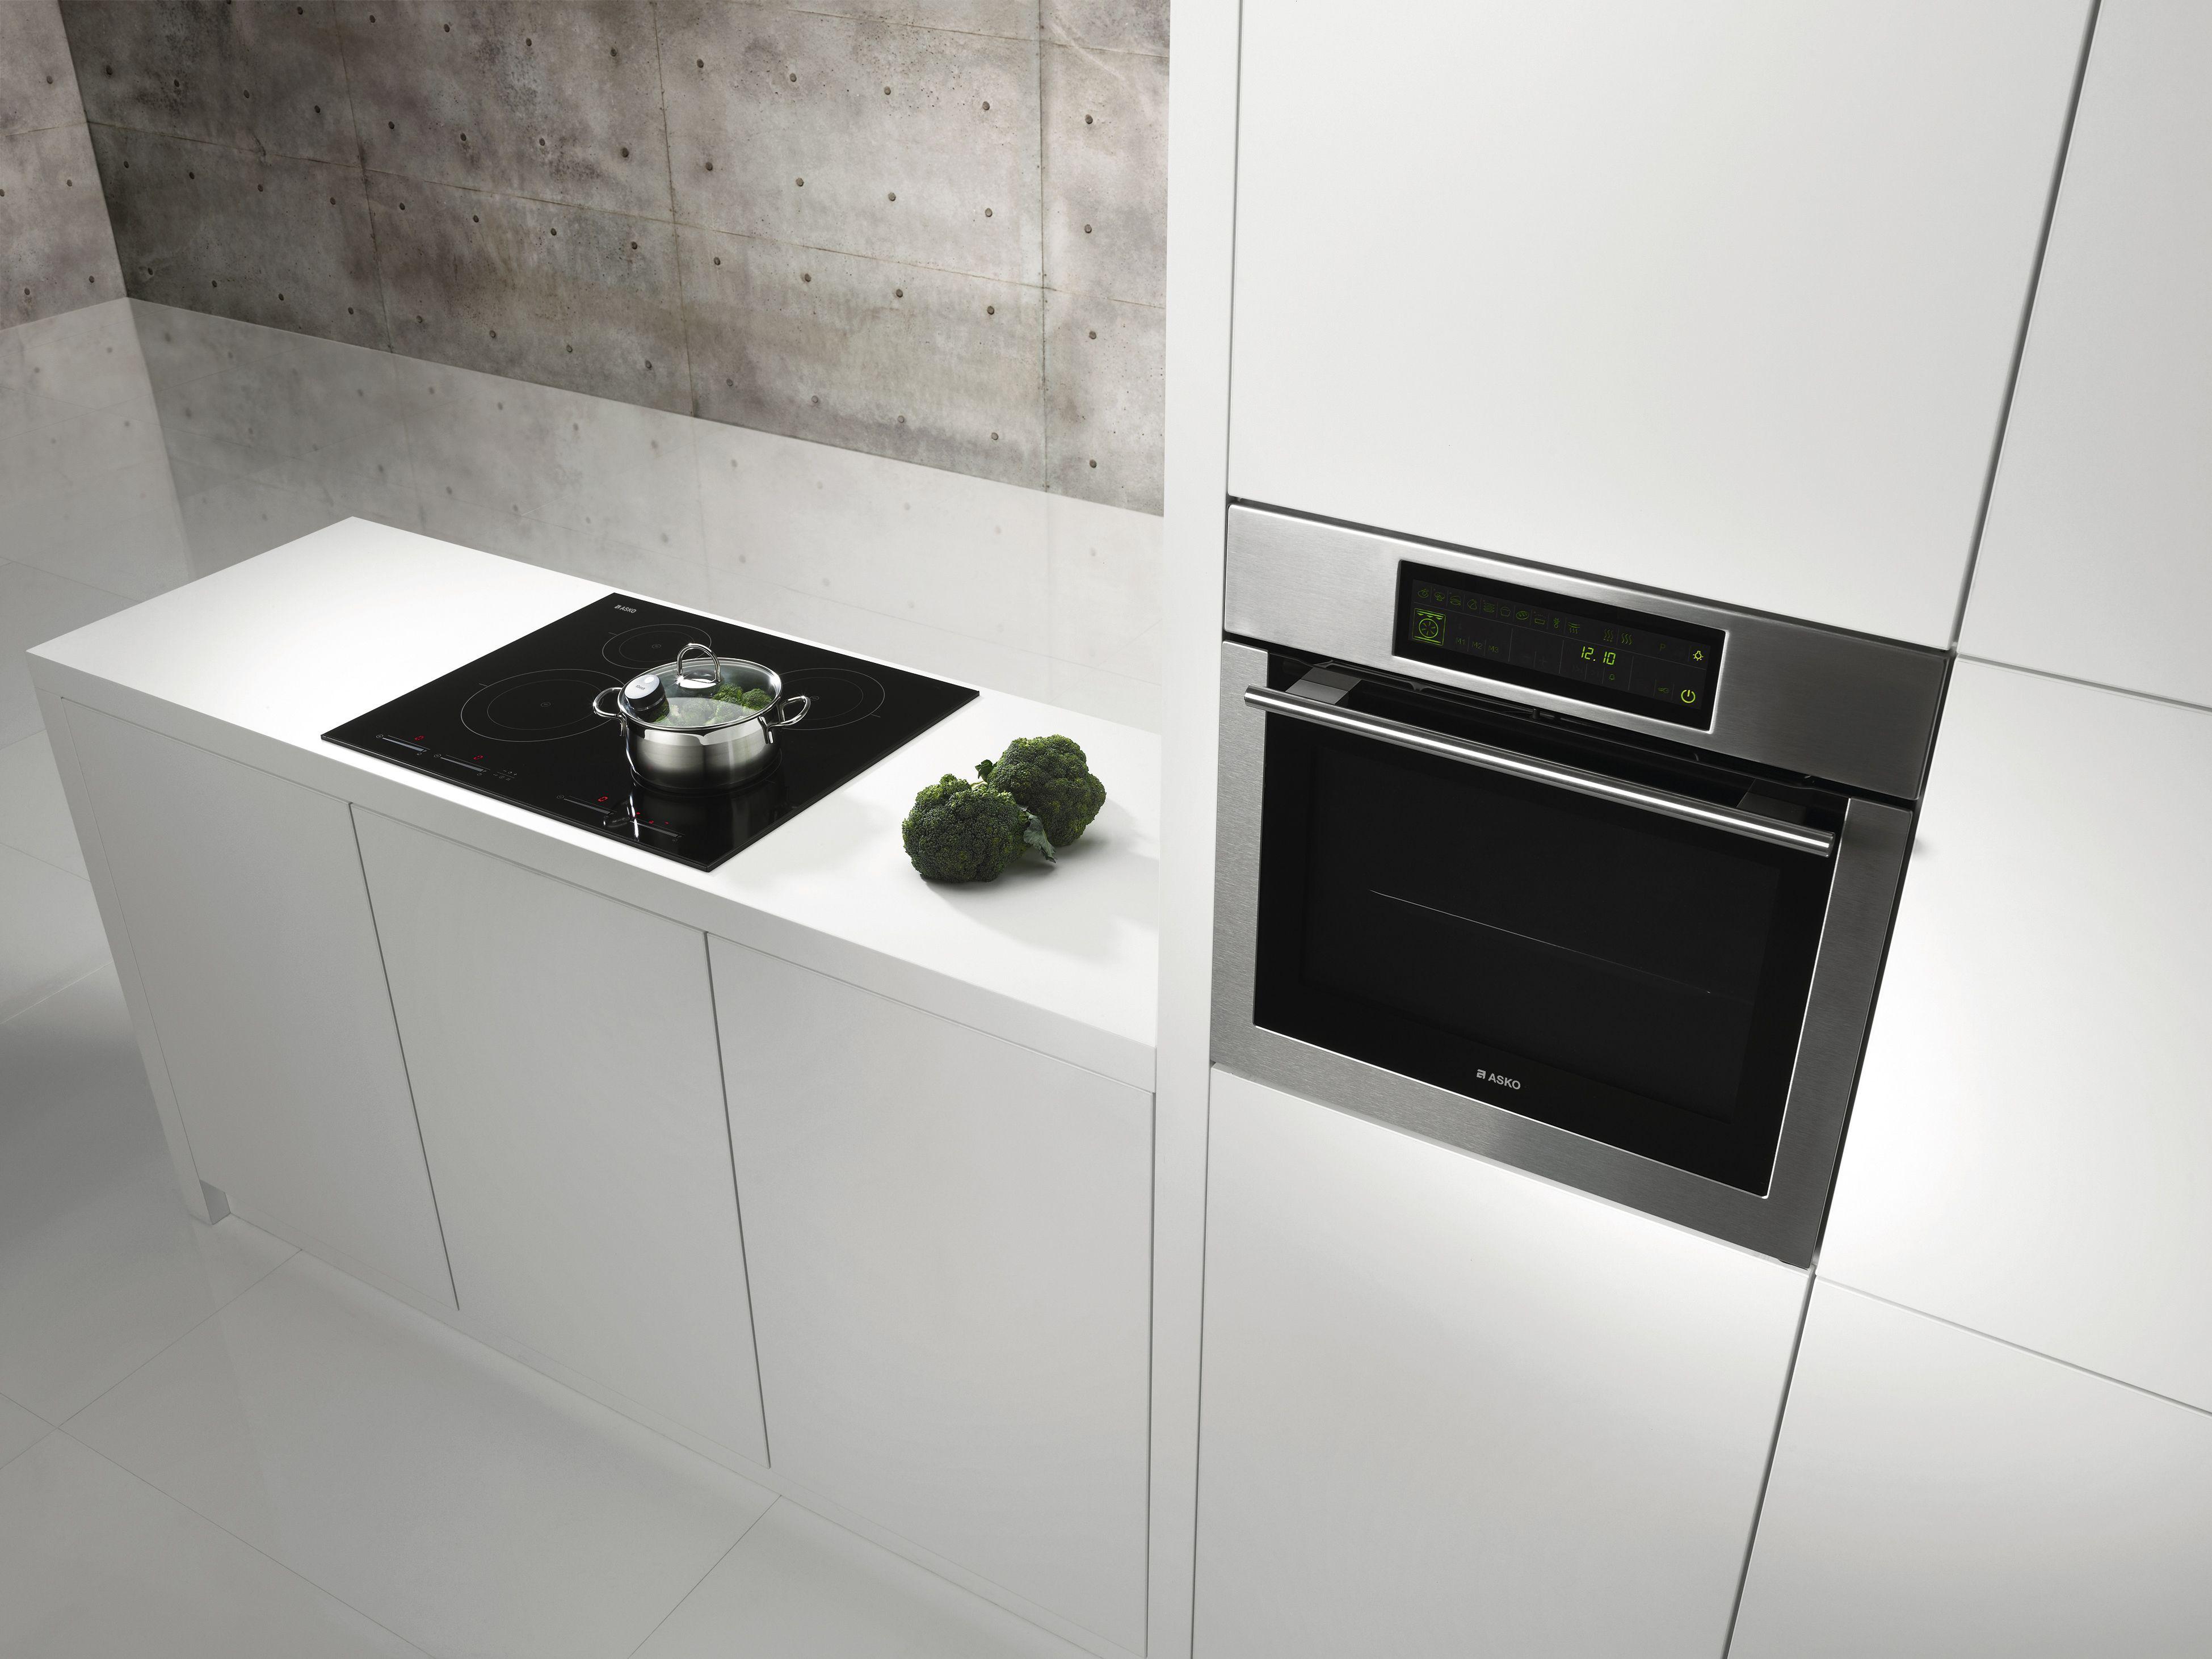 ASKO HI1774 IQCook Induction Cooktop And OP8621 Oven